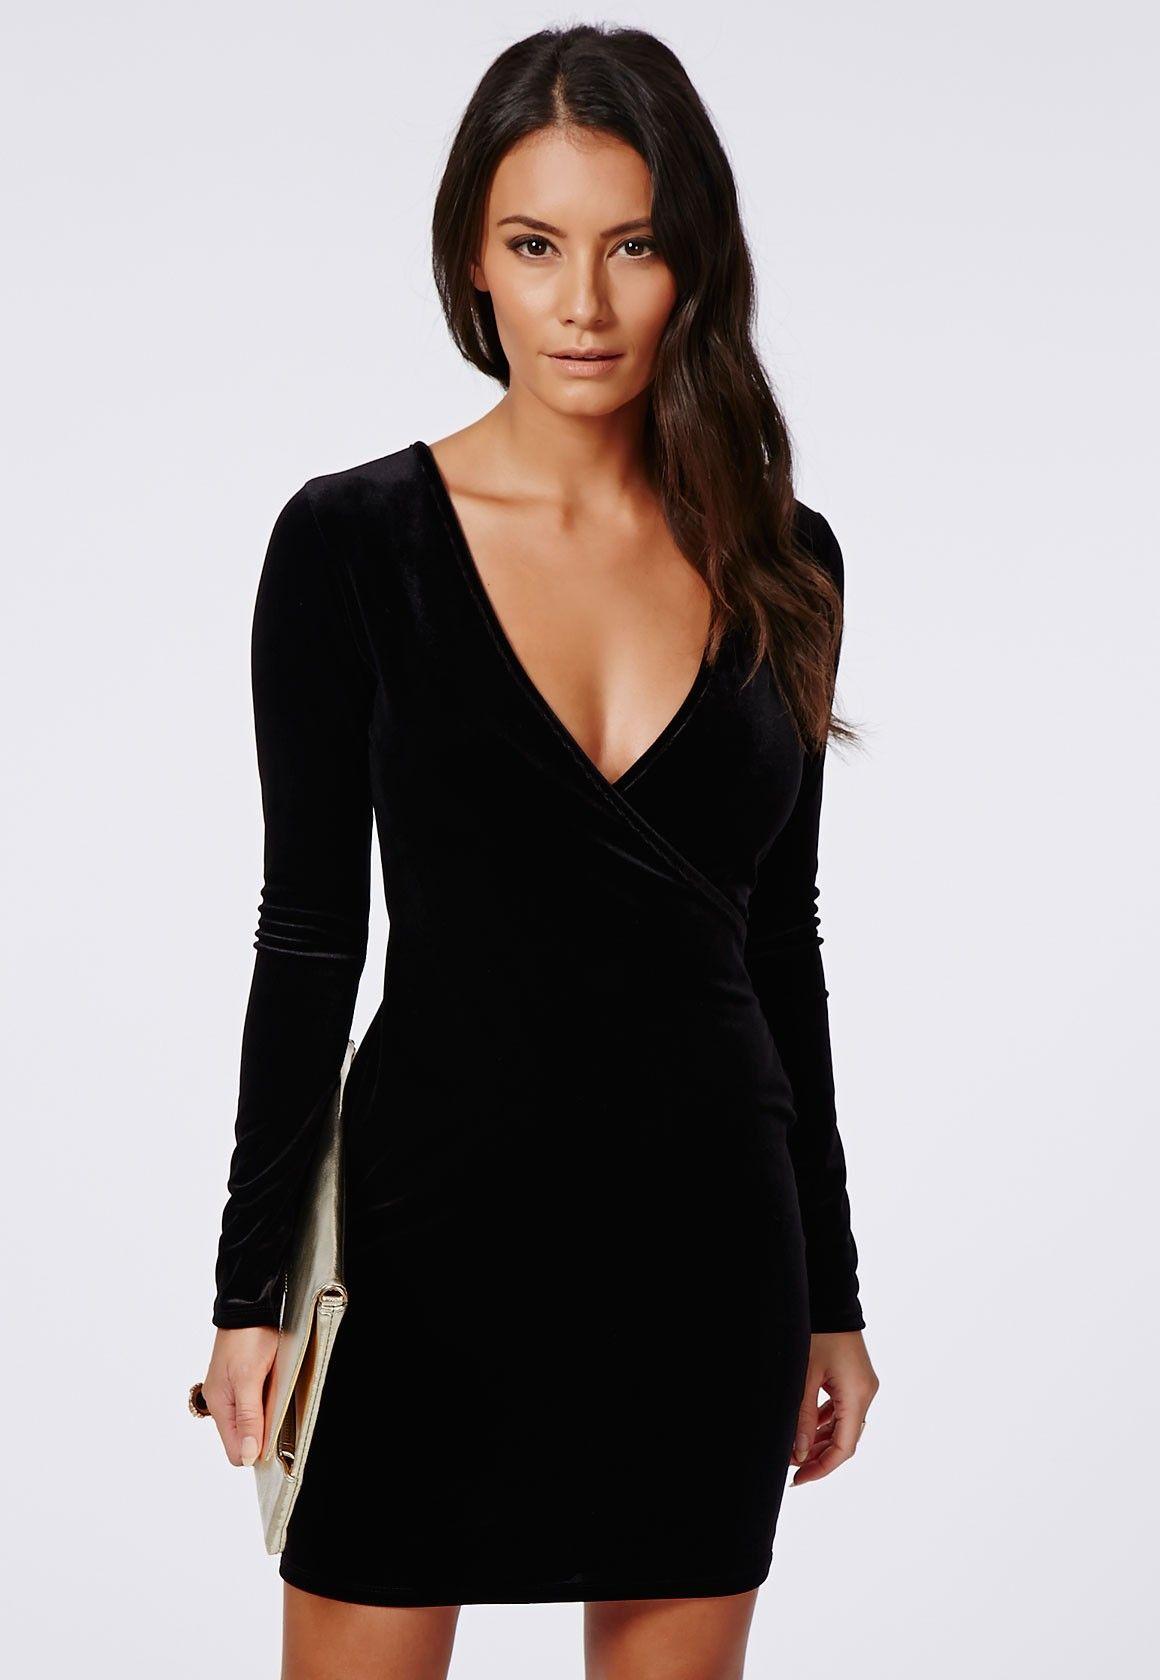 Black dress velvet - Hanna Velvet Bodycon Wrap Dress Black Dresses Bodycon Dresses Missguided